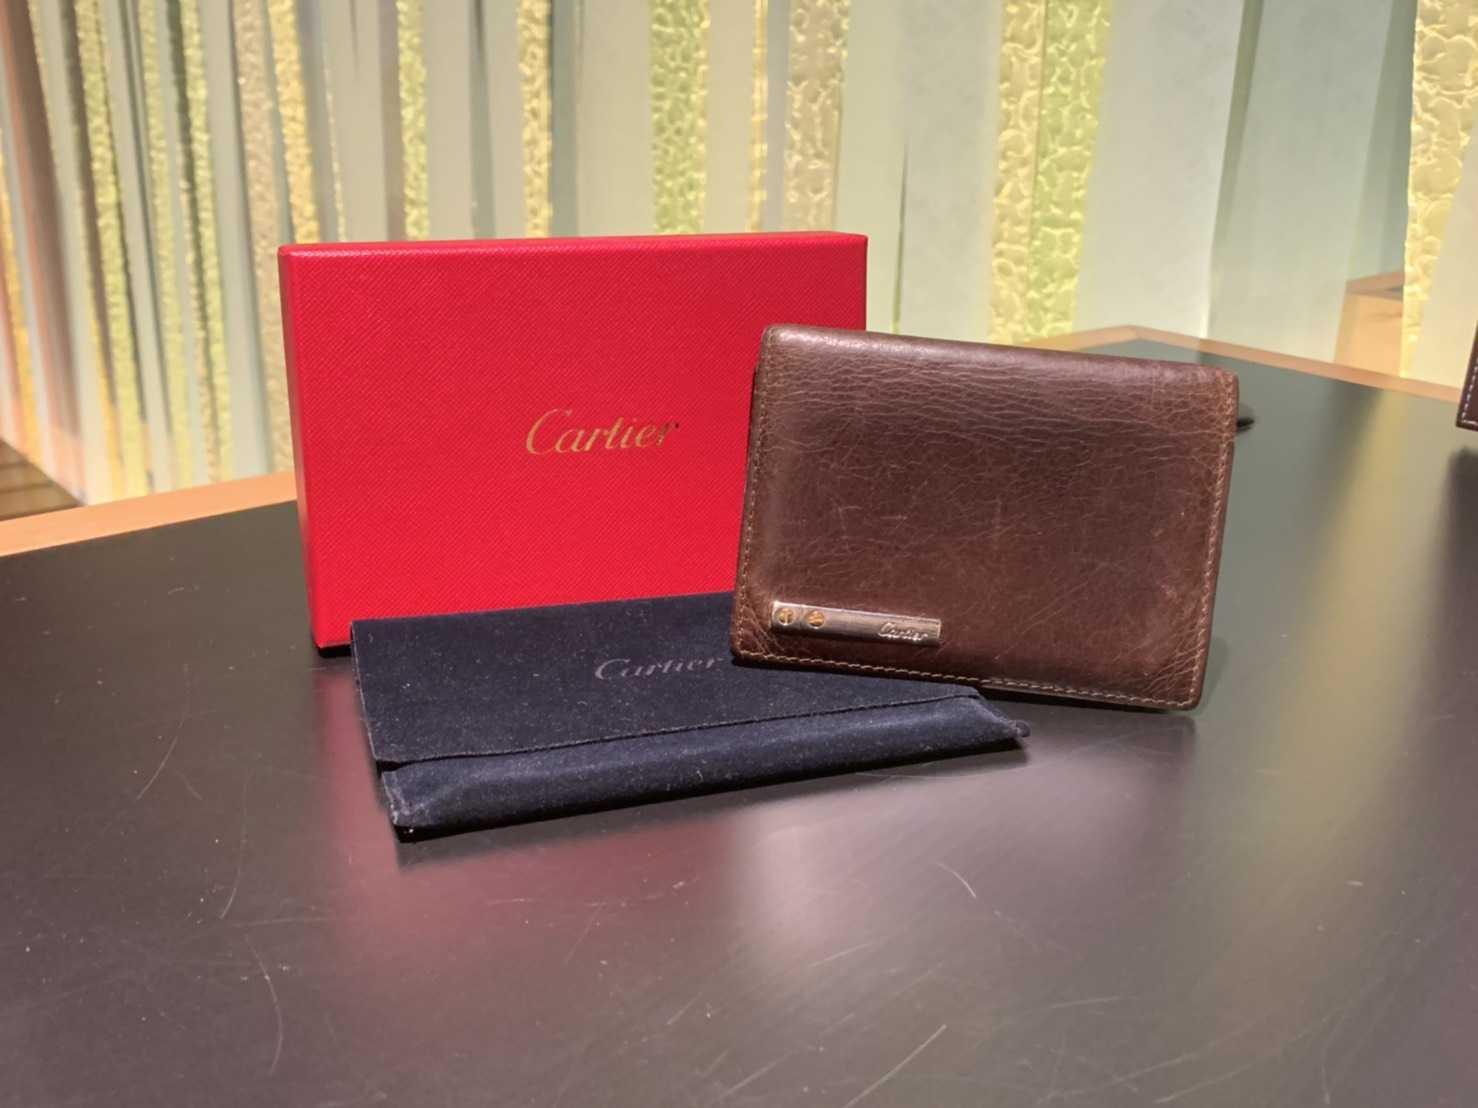 カルティエ買取 カードケース